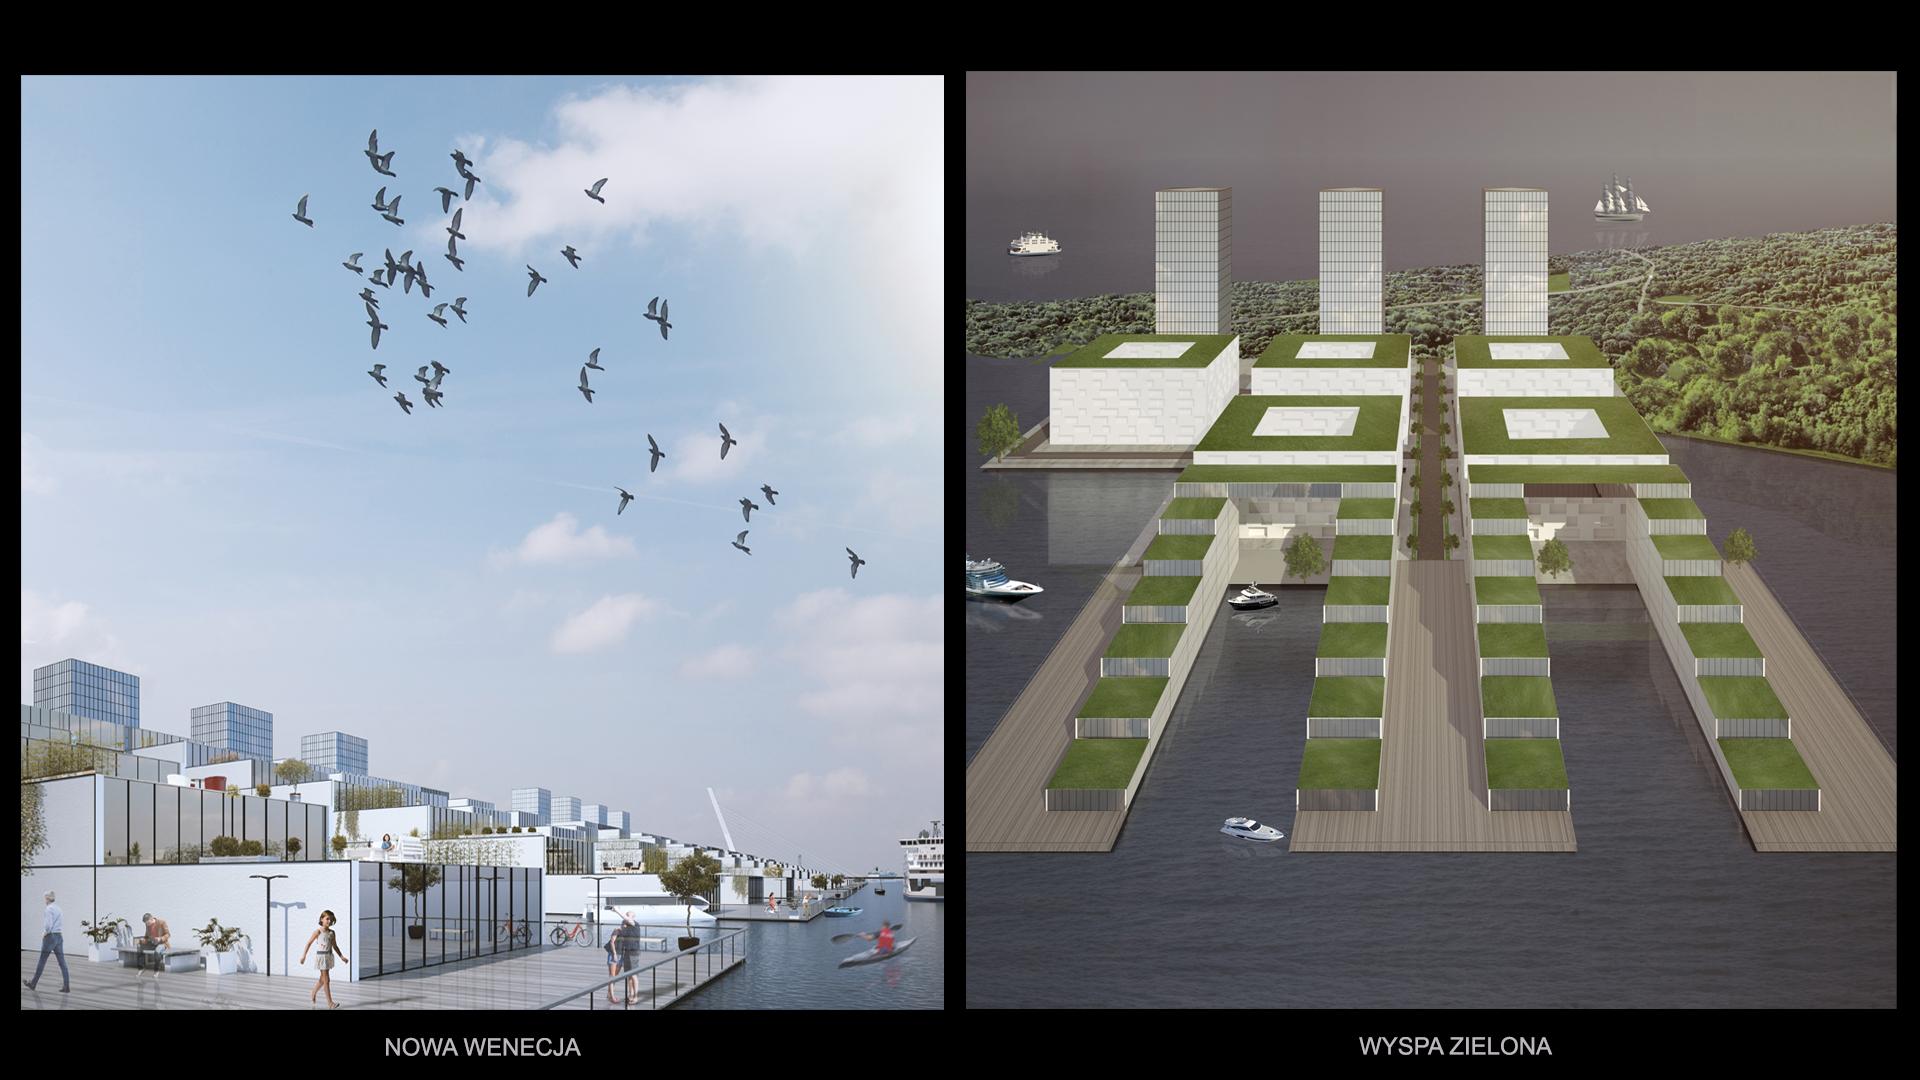 Nowe Serce Miasta - nowa wenecja/wyspa zielona